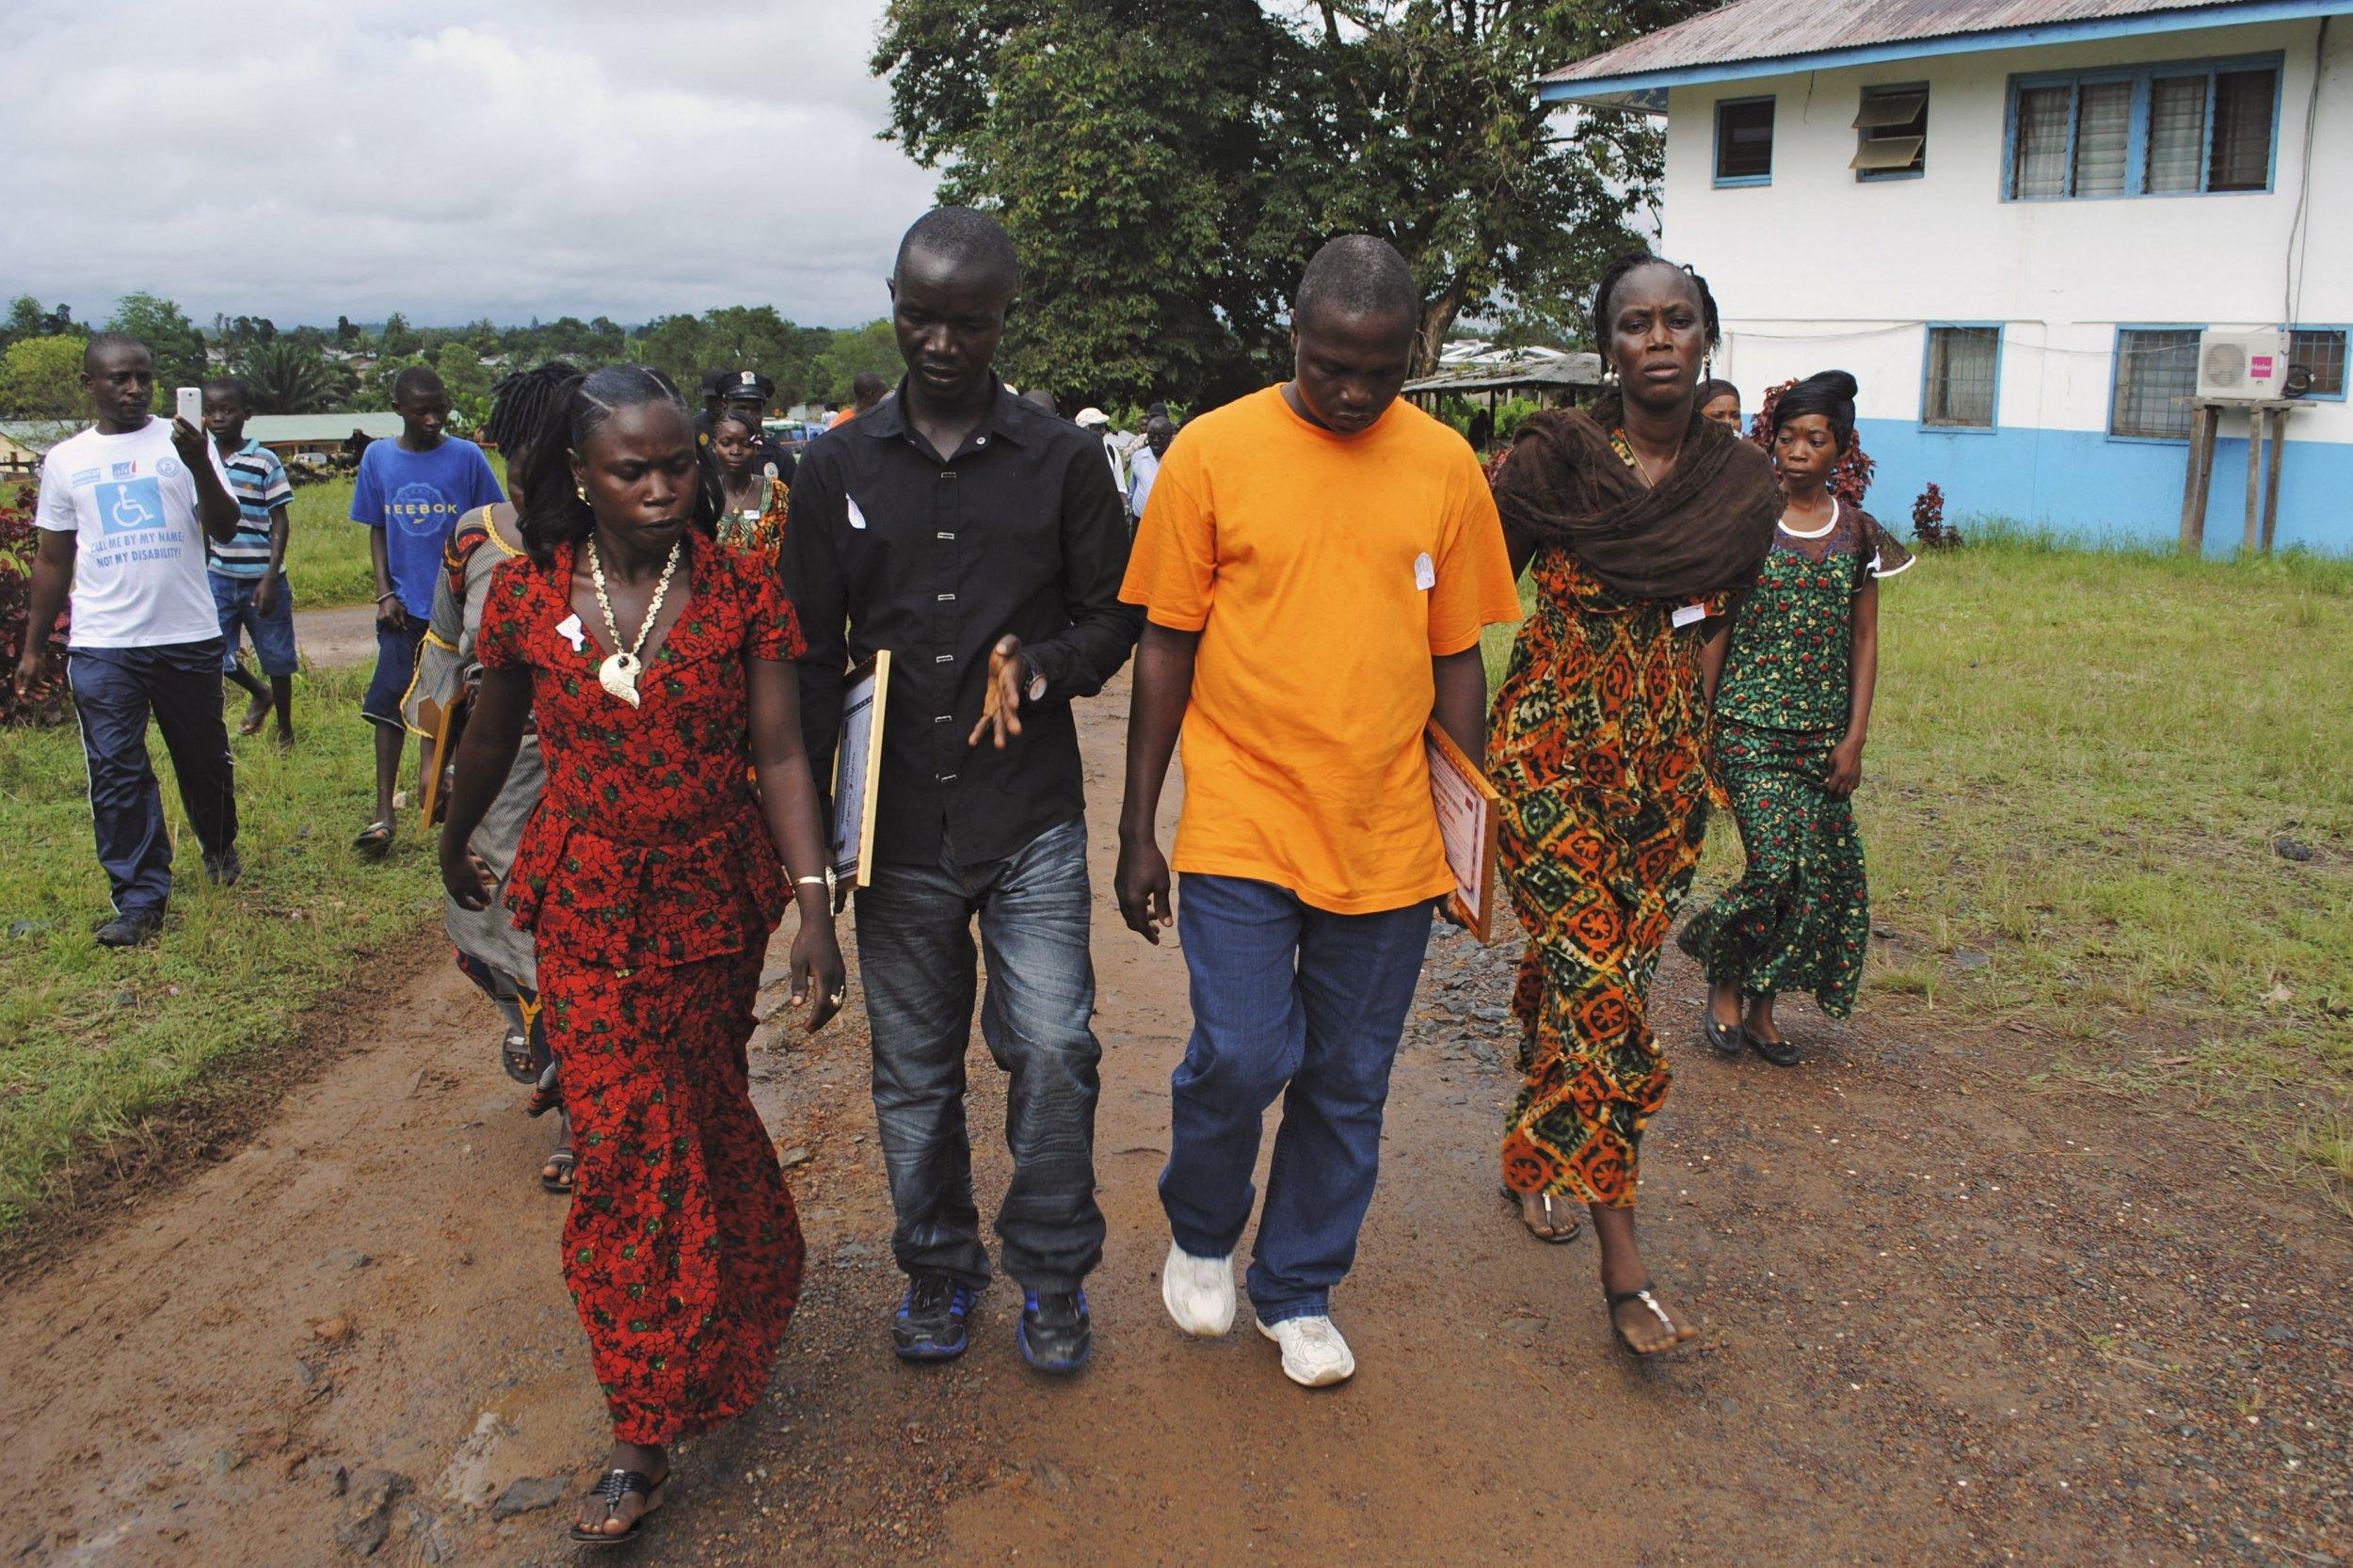 10-30-14 Ebola survivors Monrovia